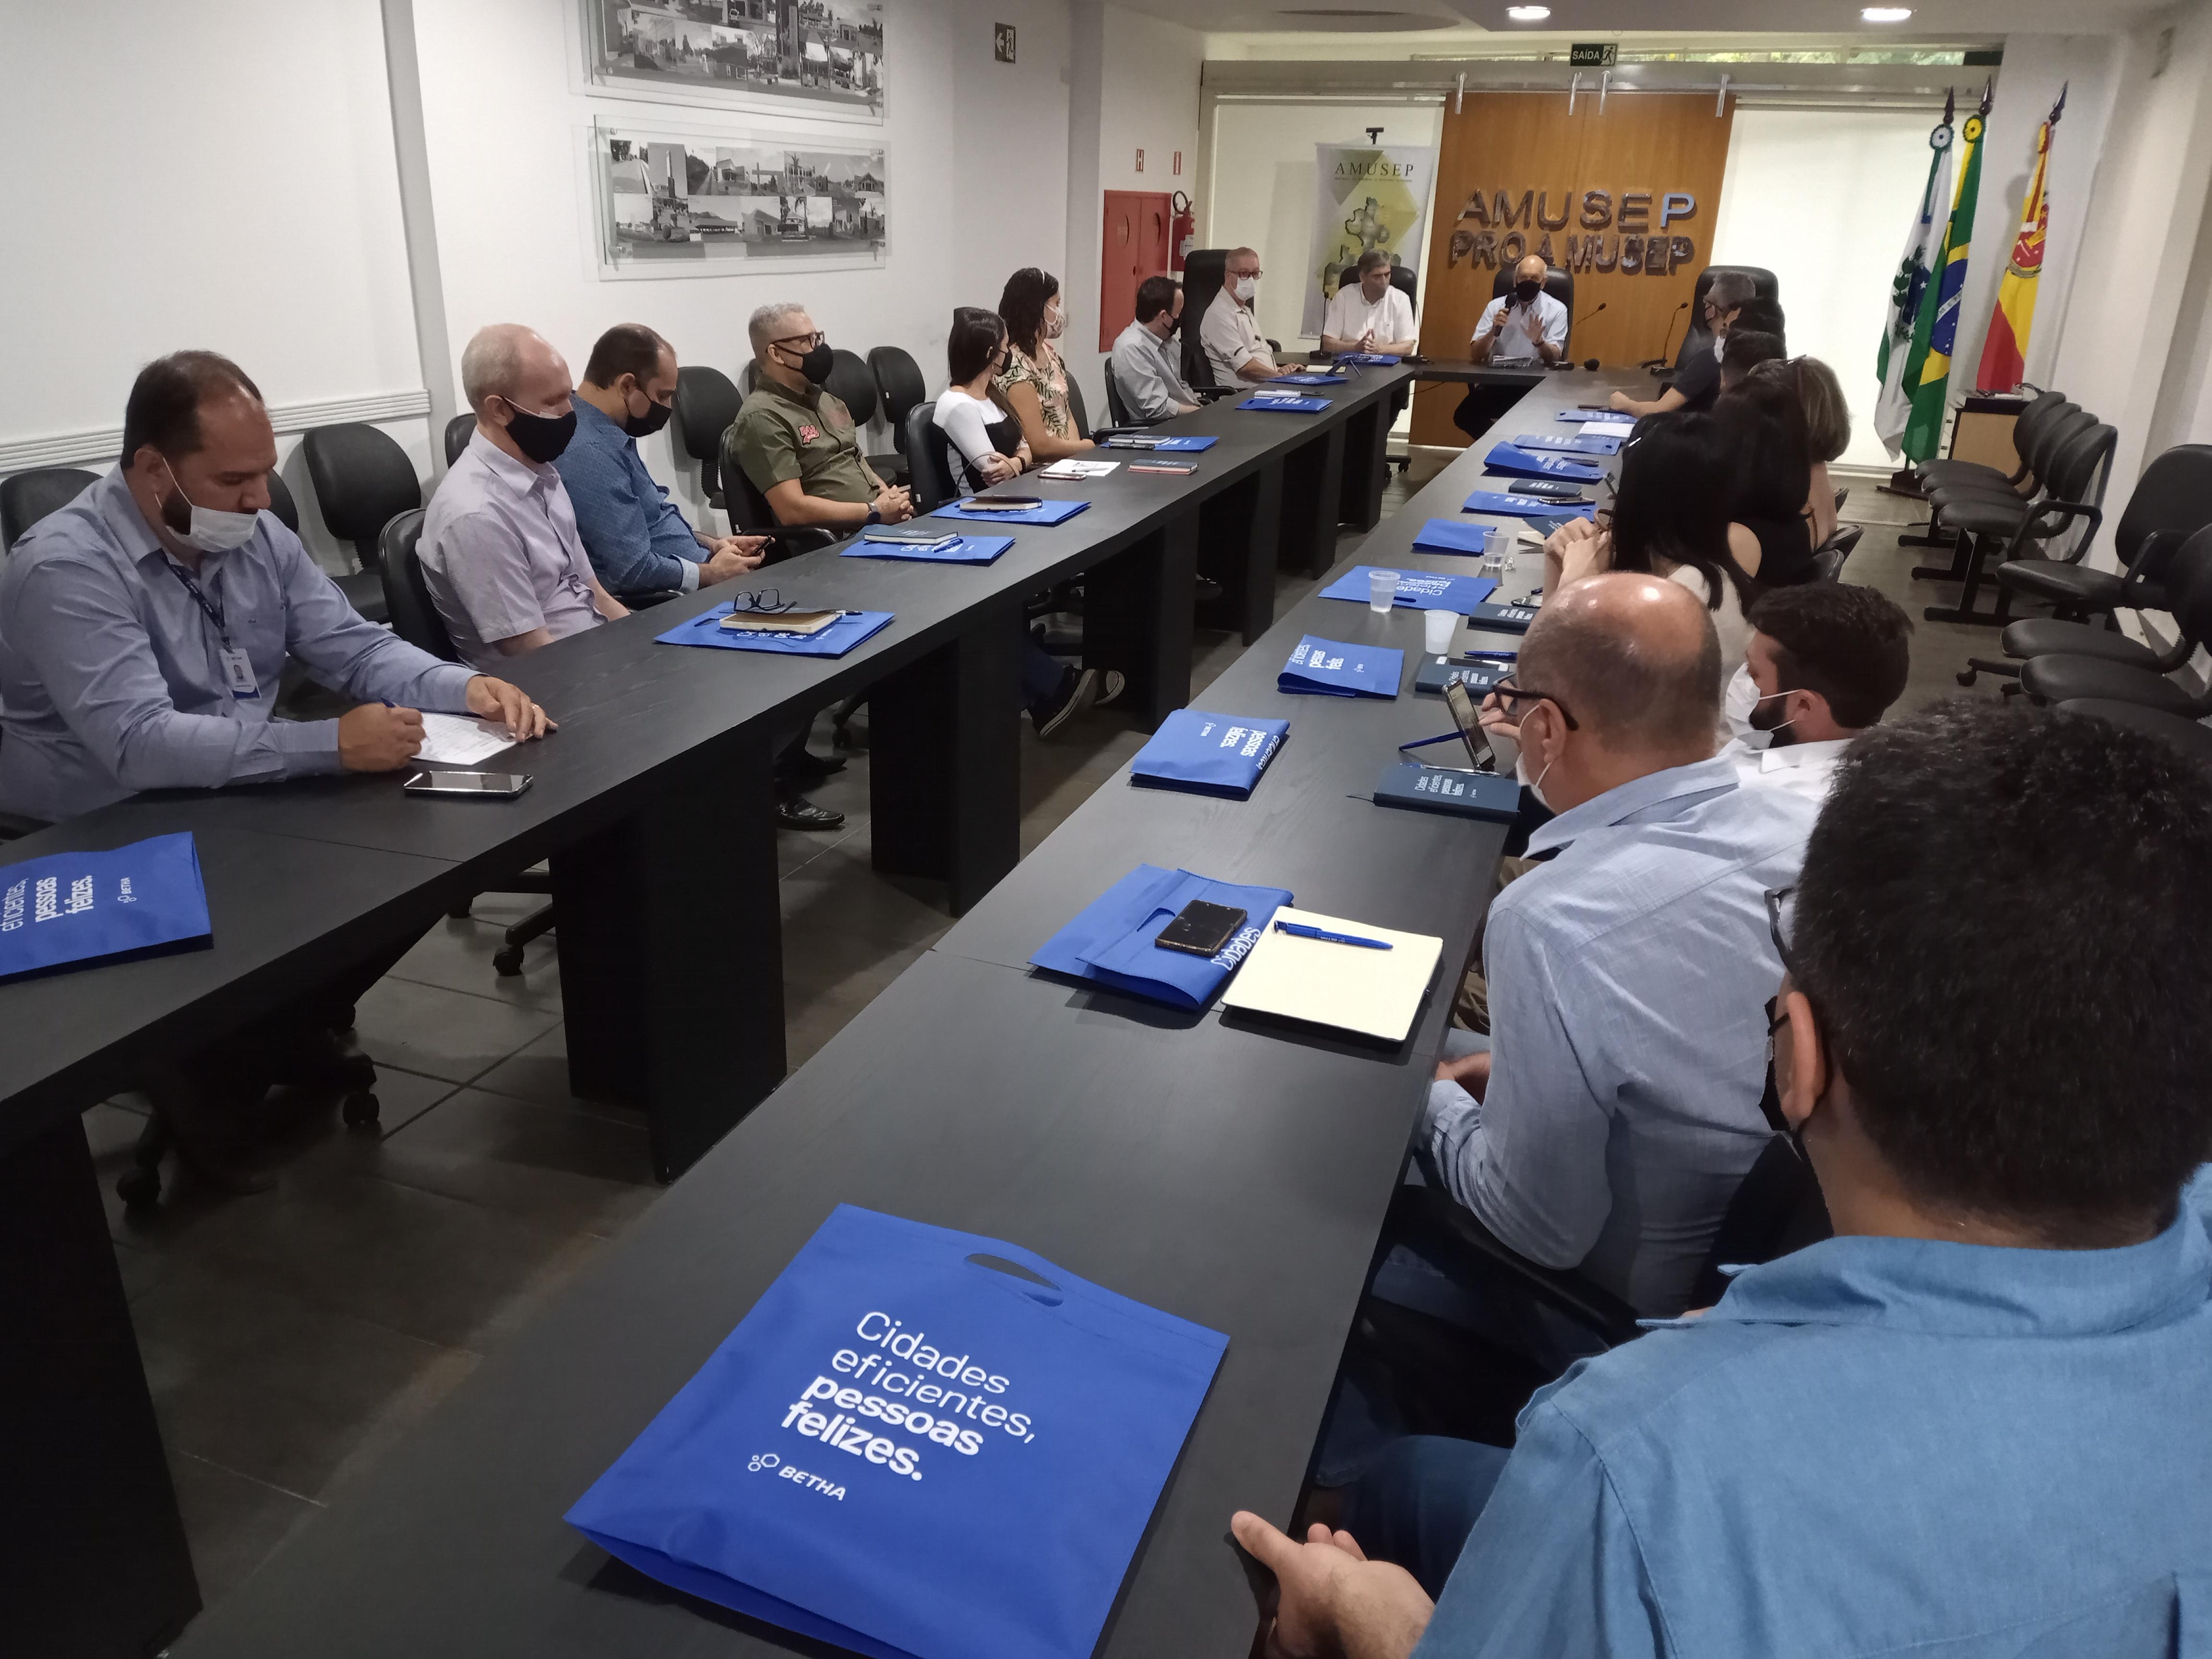 Sistema desenvolvido pela Secretaria de Fazenda de Maringá foi tema central da reunião mensal da Câmara Técnica da Contabilidade da Amusep